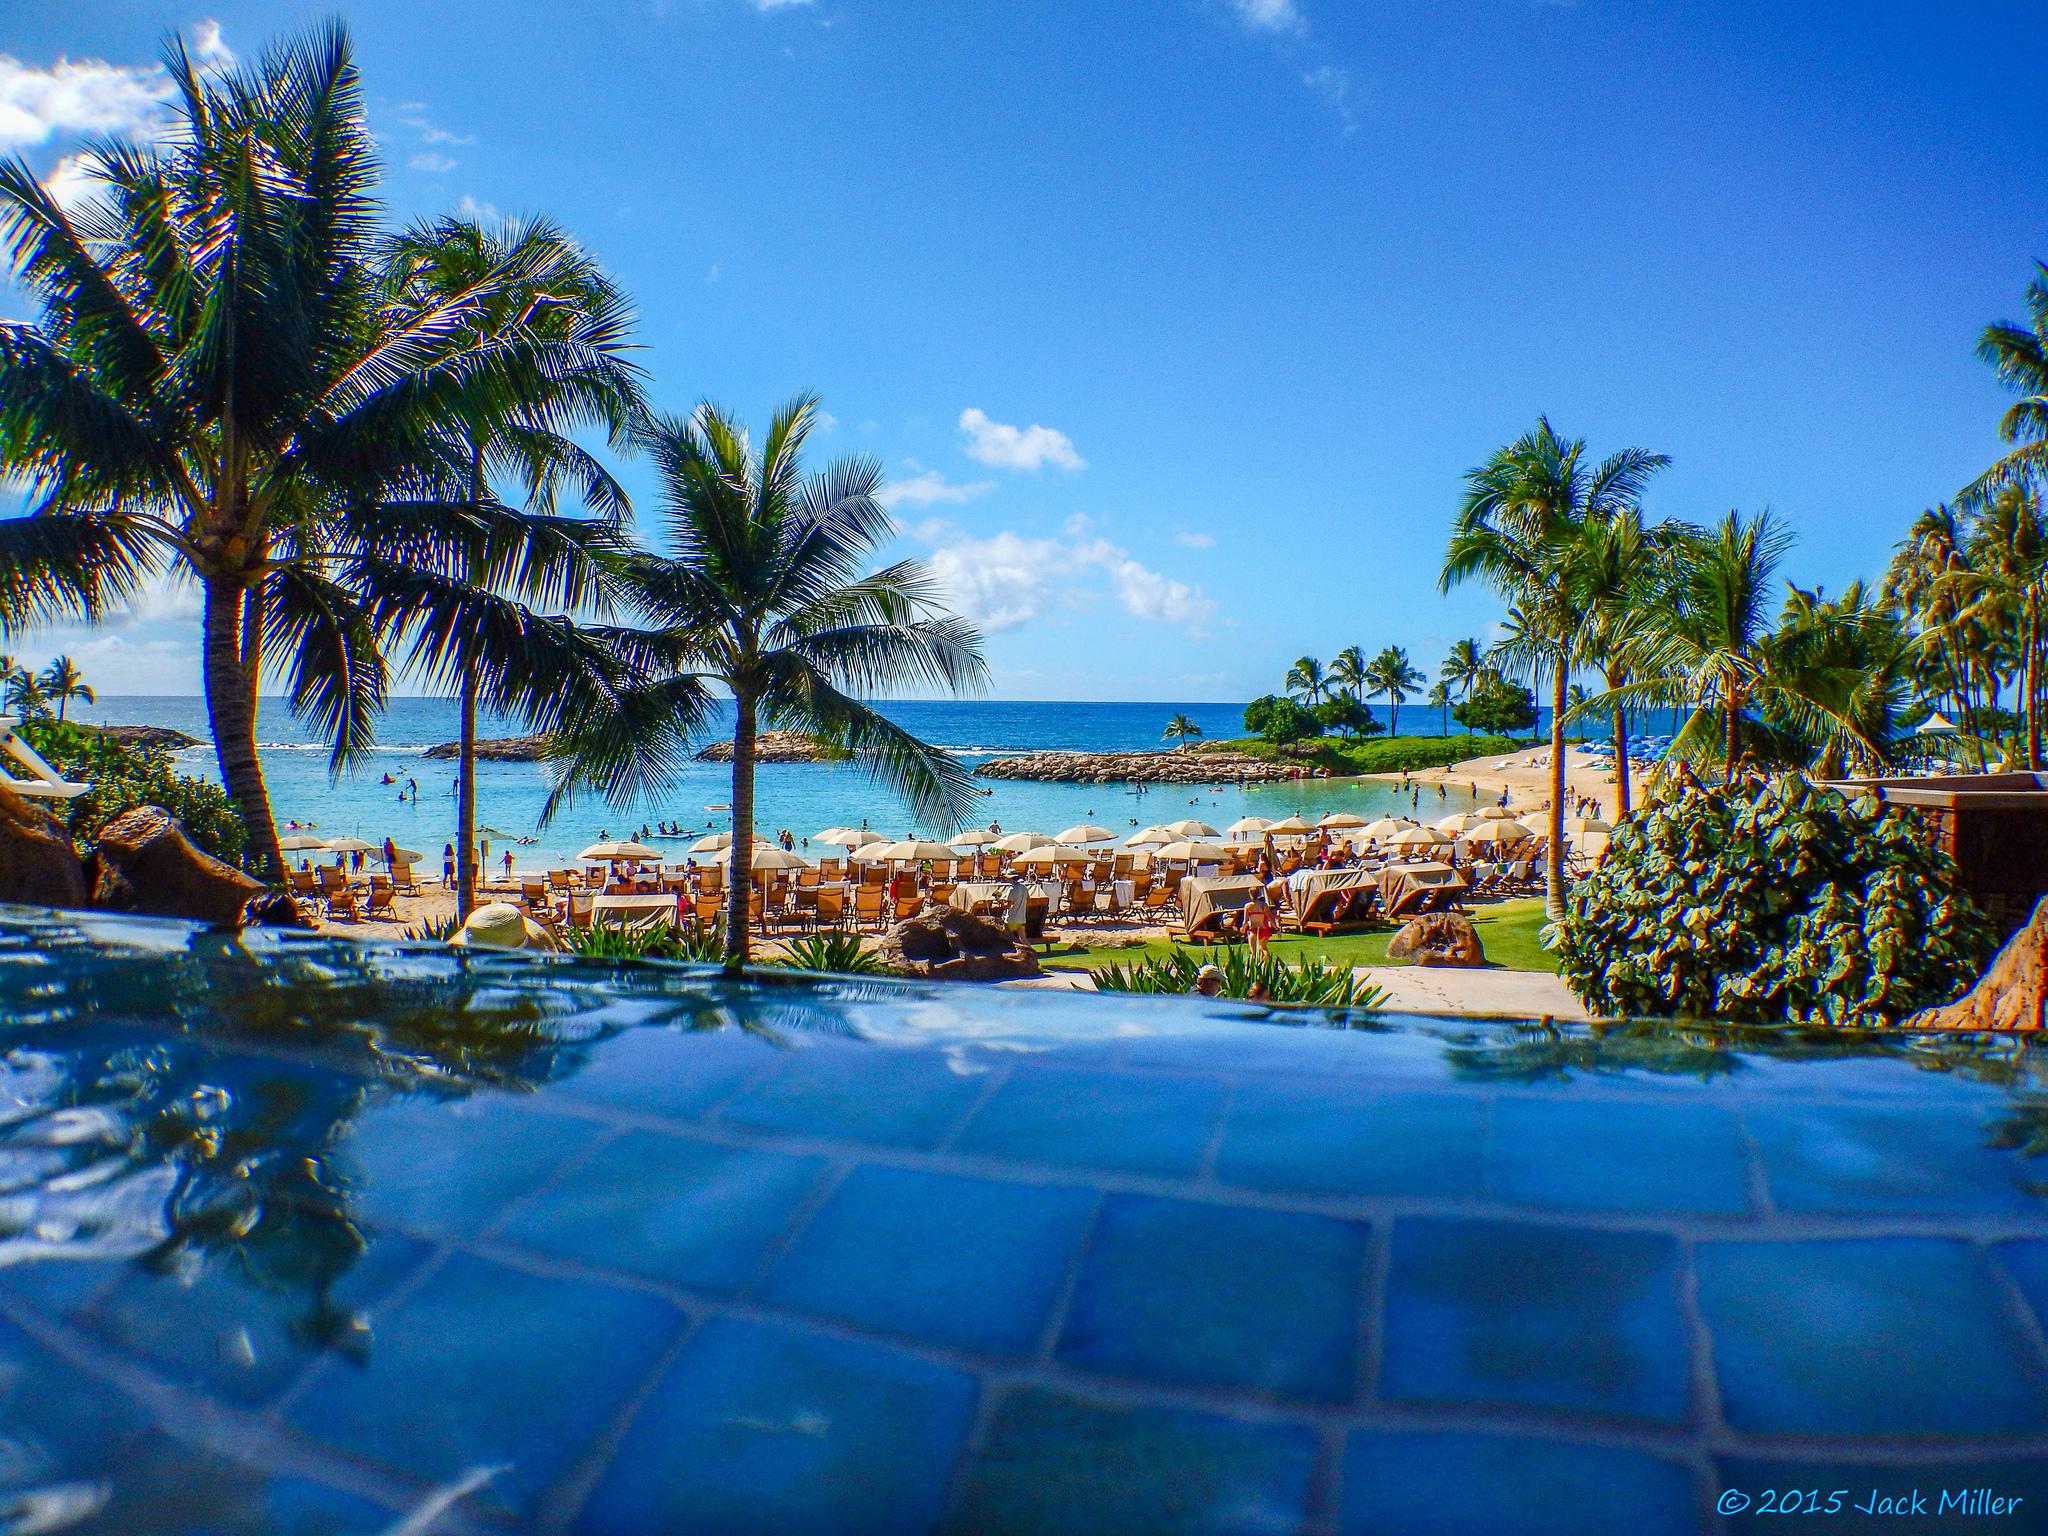 Hawaii Disney Resort Island